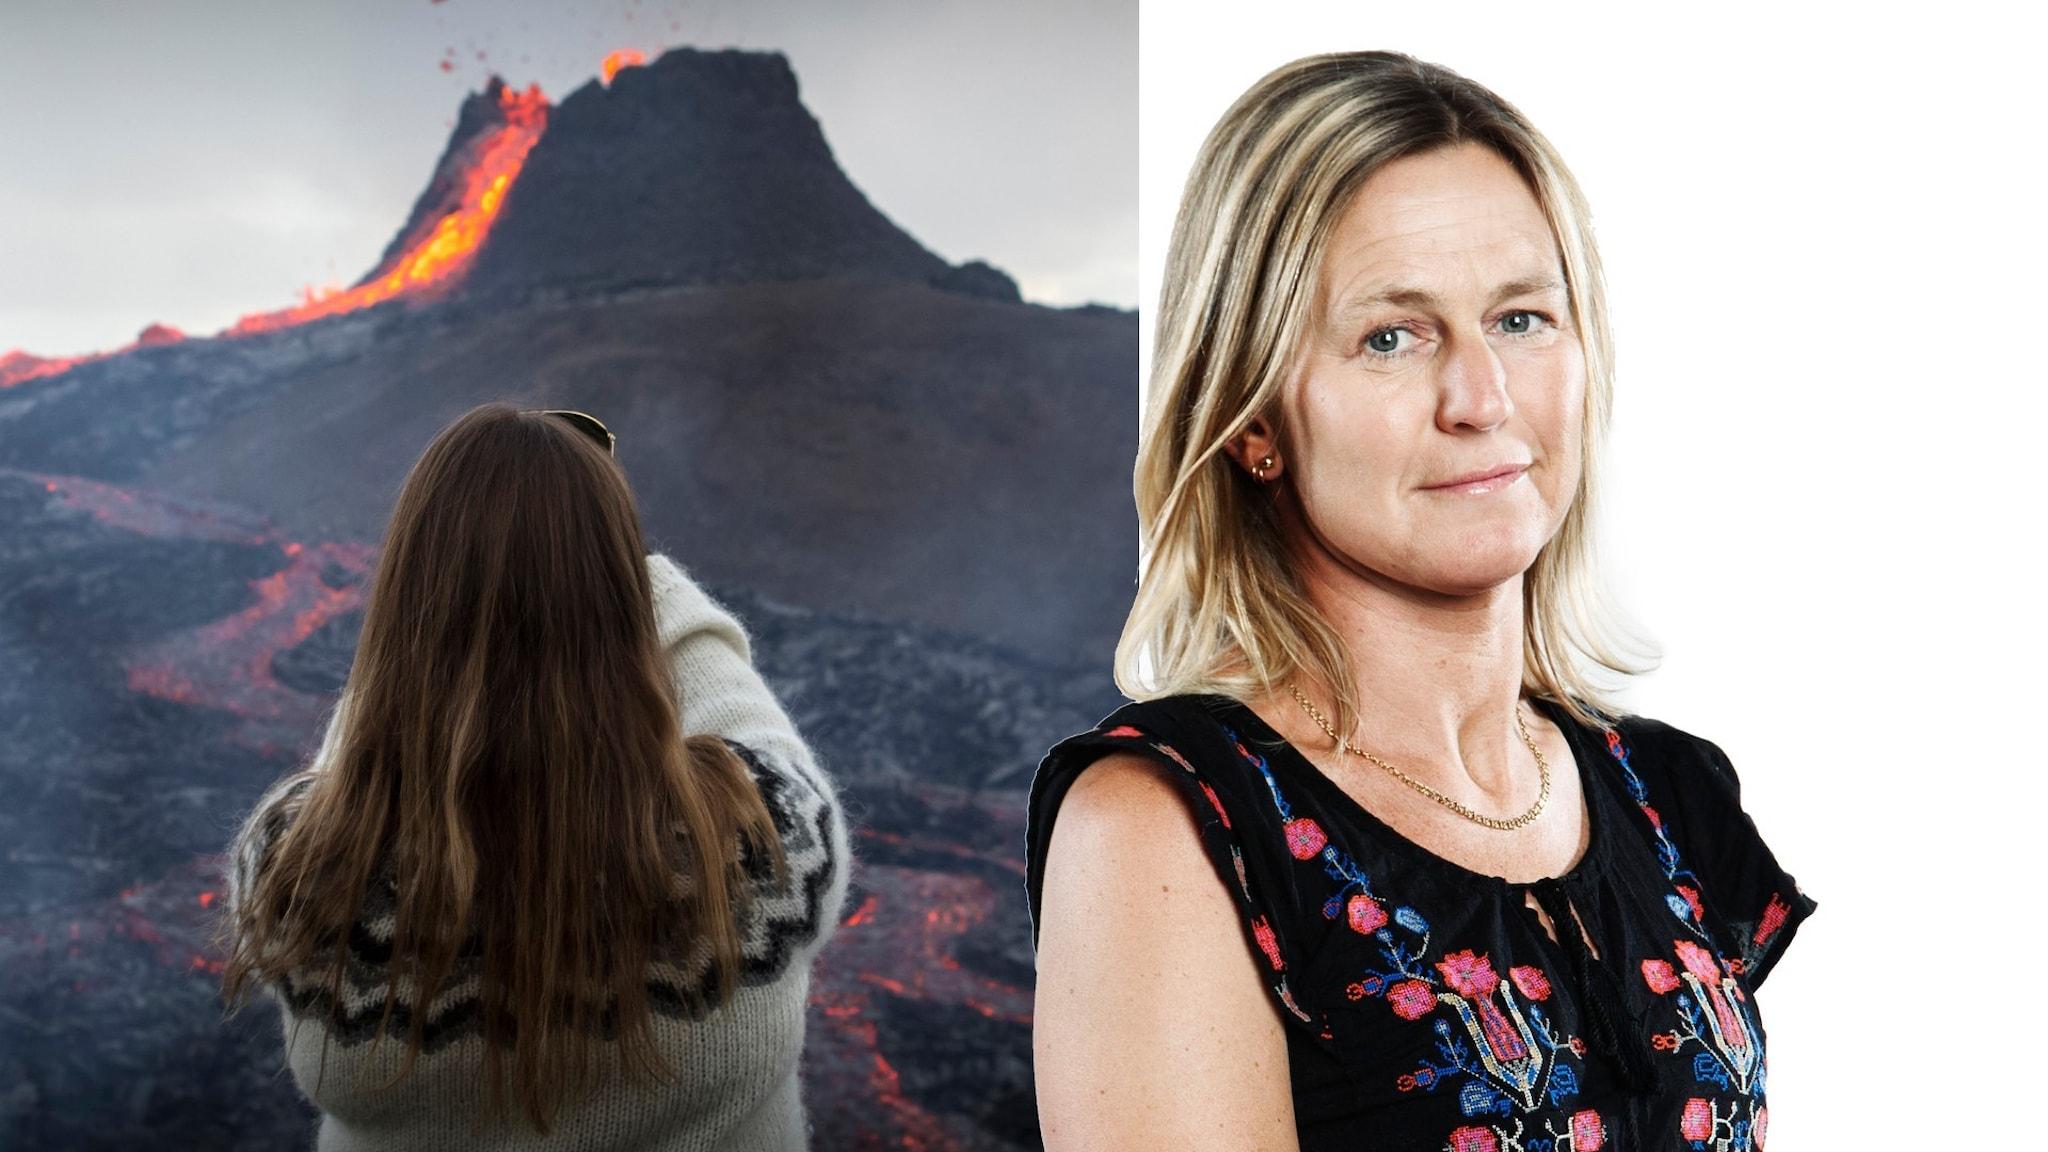 En kvinna med stickad tröja fotar ett vulkanutbrott med sin mobil